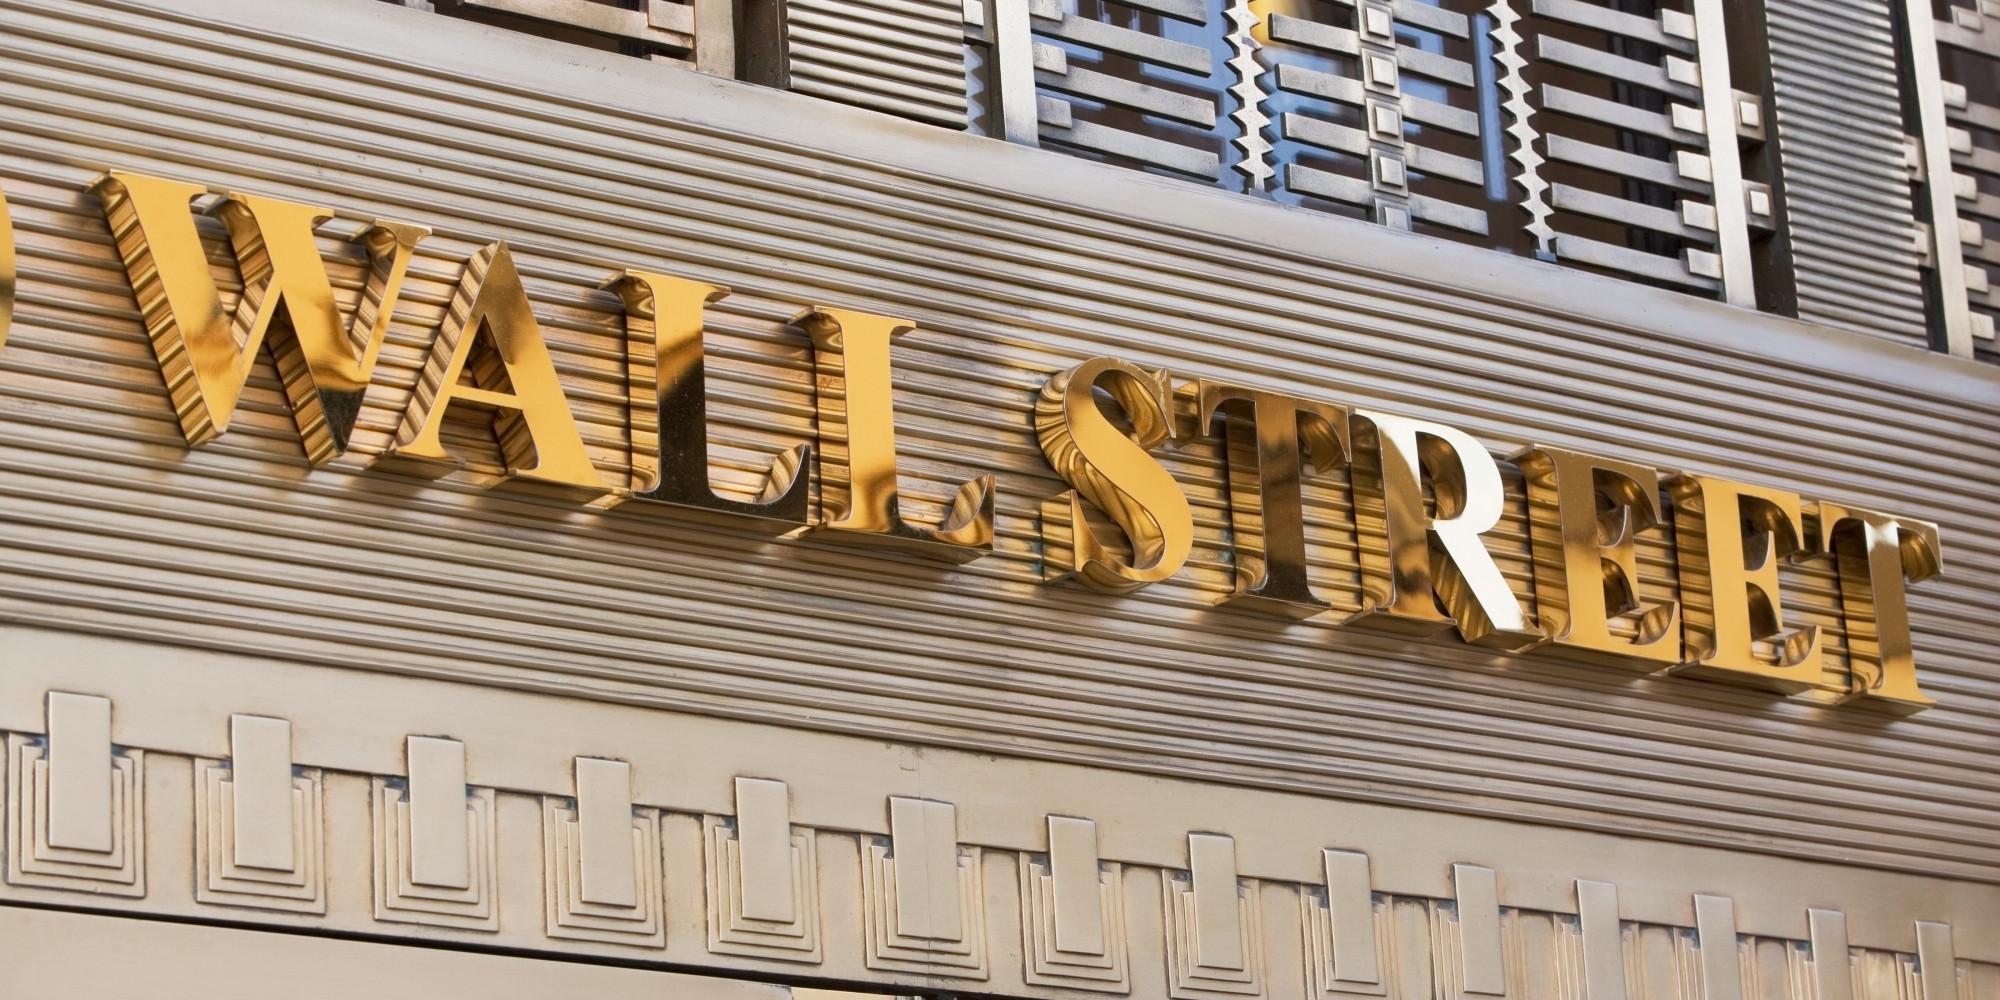 DJIA 30 Stock Time Series | Kaggle